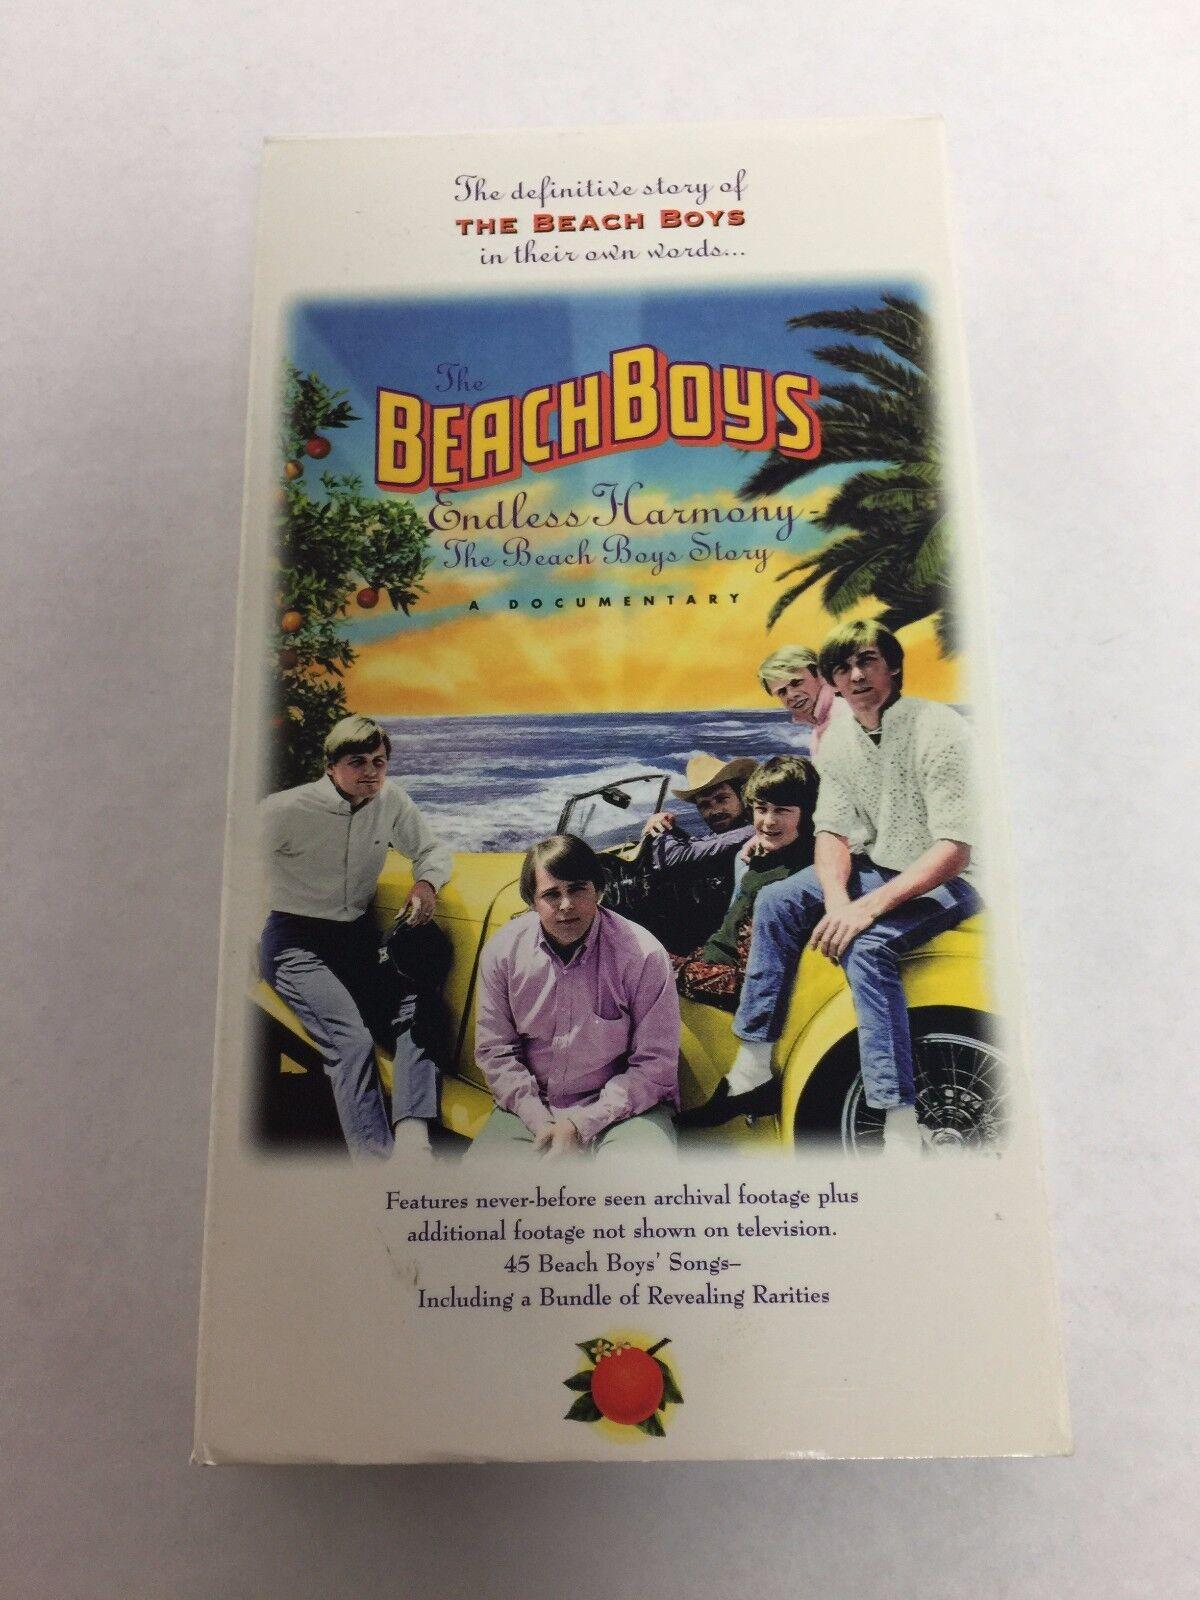 The Beach Boys - Endless Harmony VHS Video Documentary